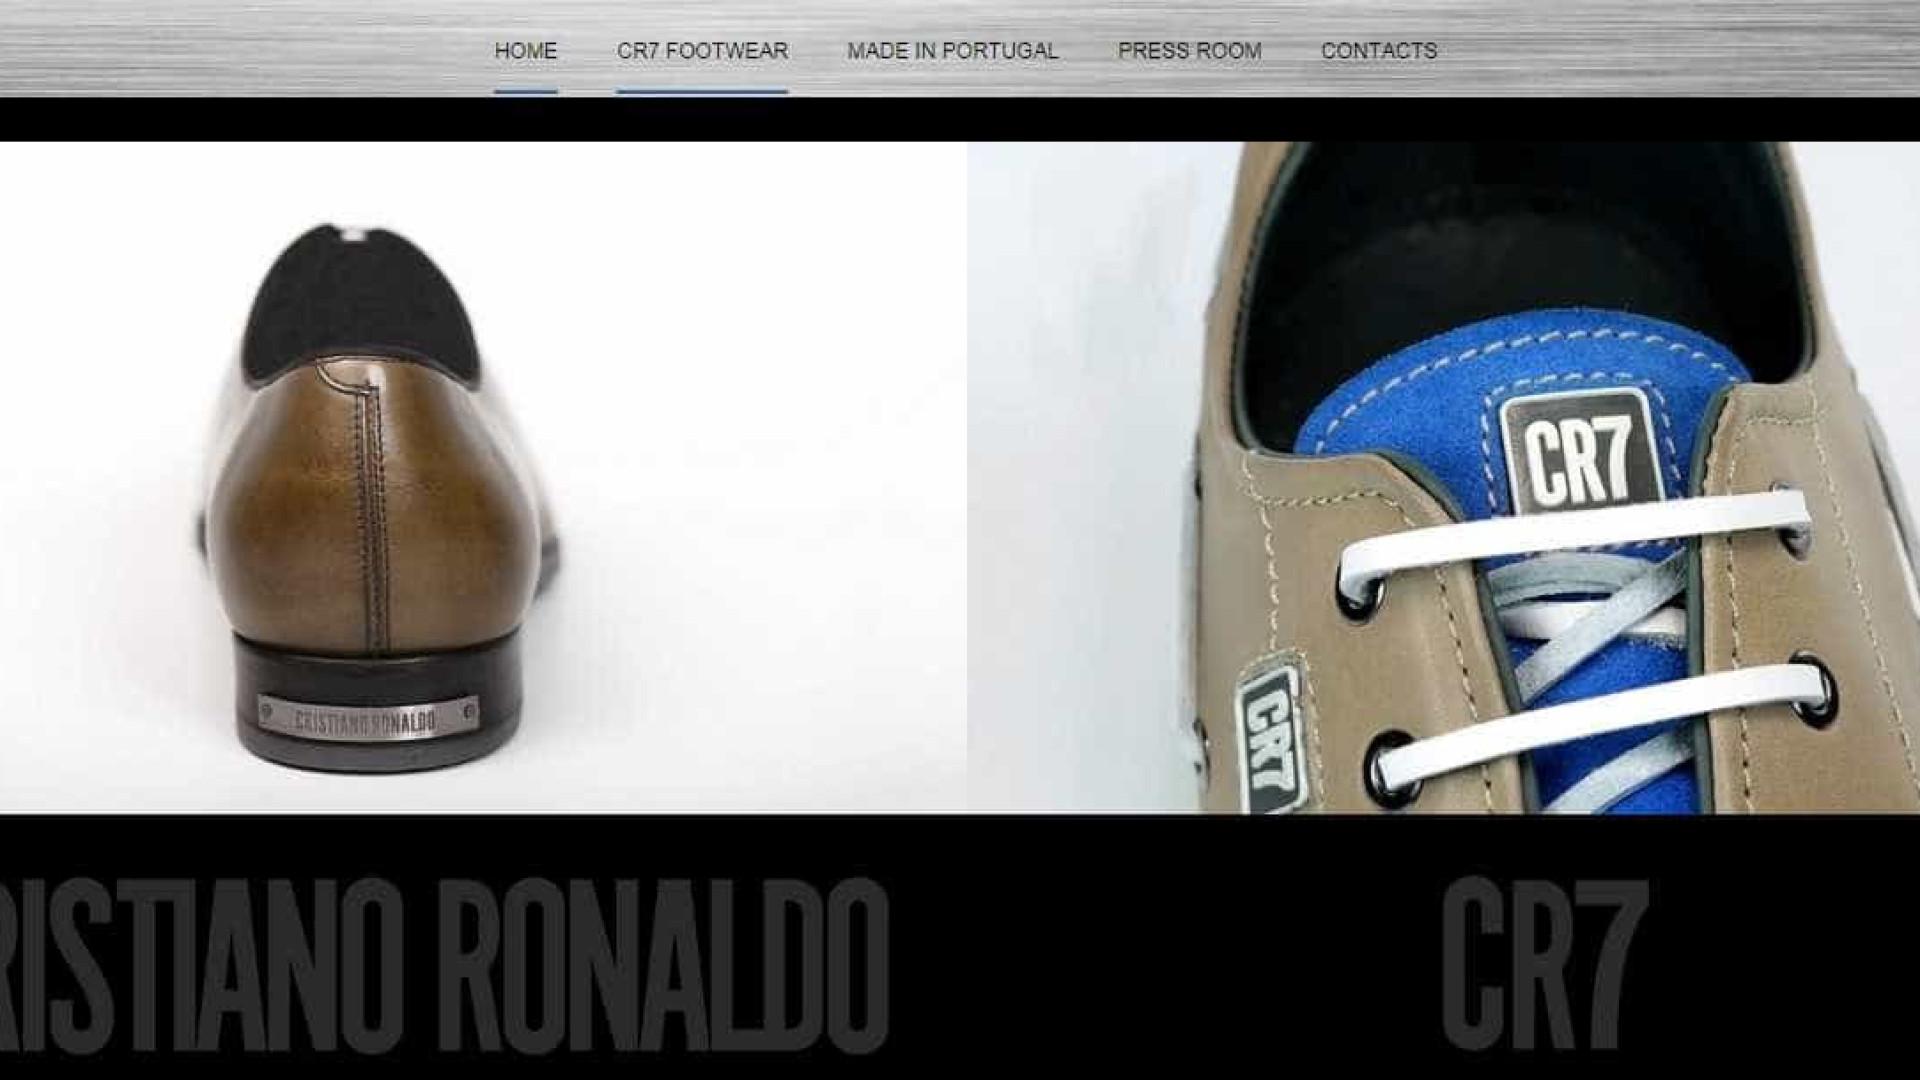 a46a6cca0 Calçado de CR7 a crescer. Até já são vendidos na Coreia